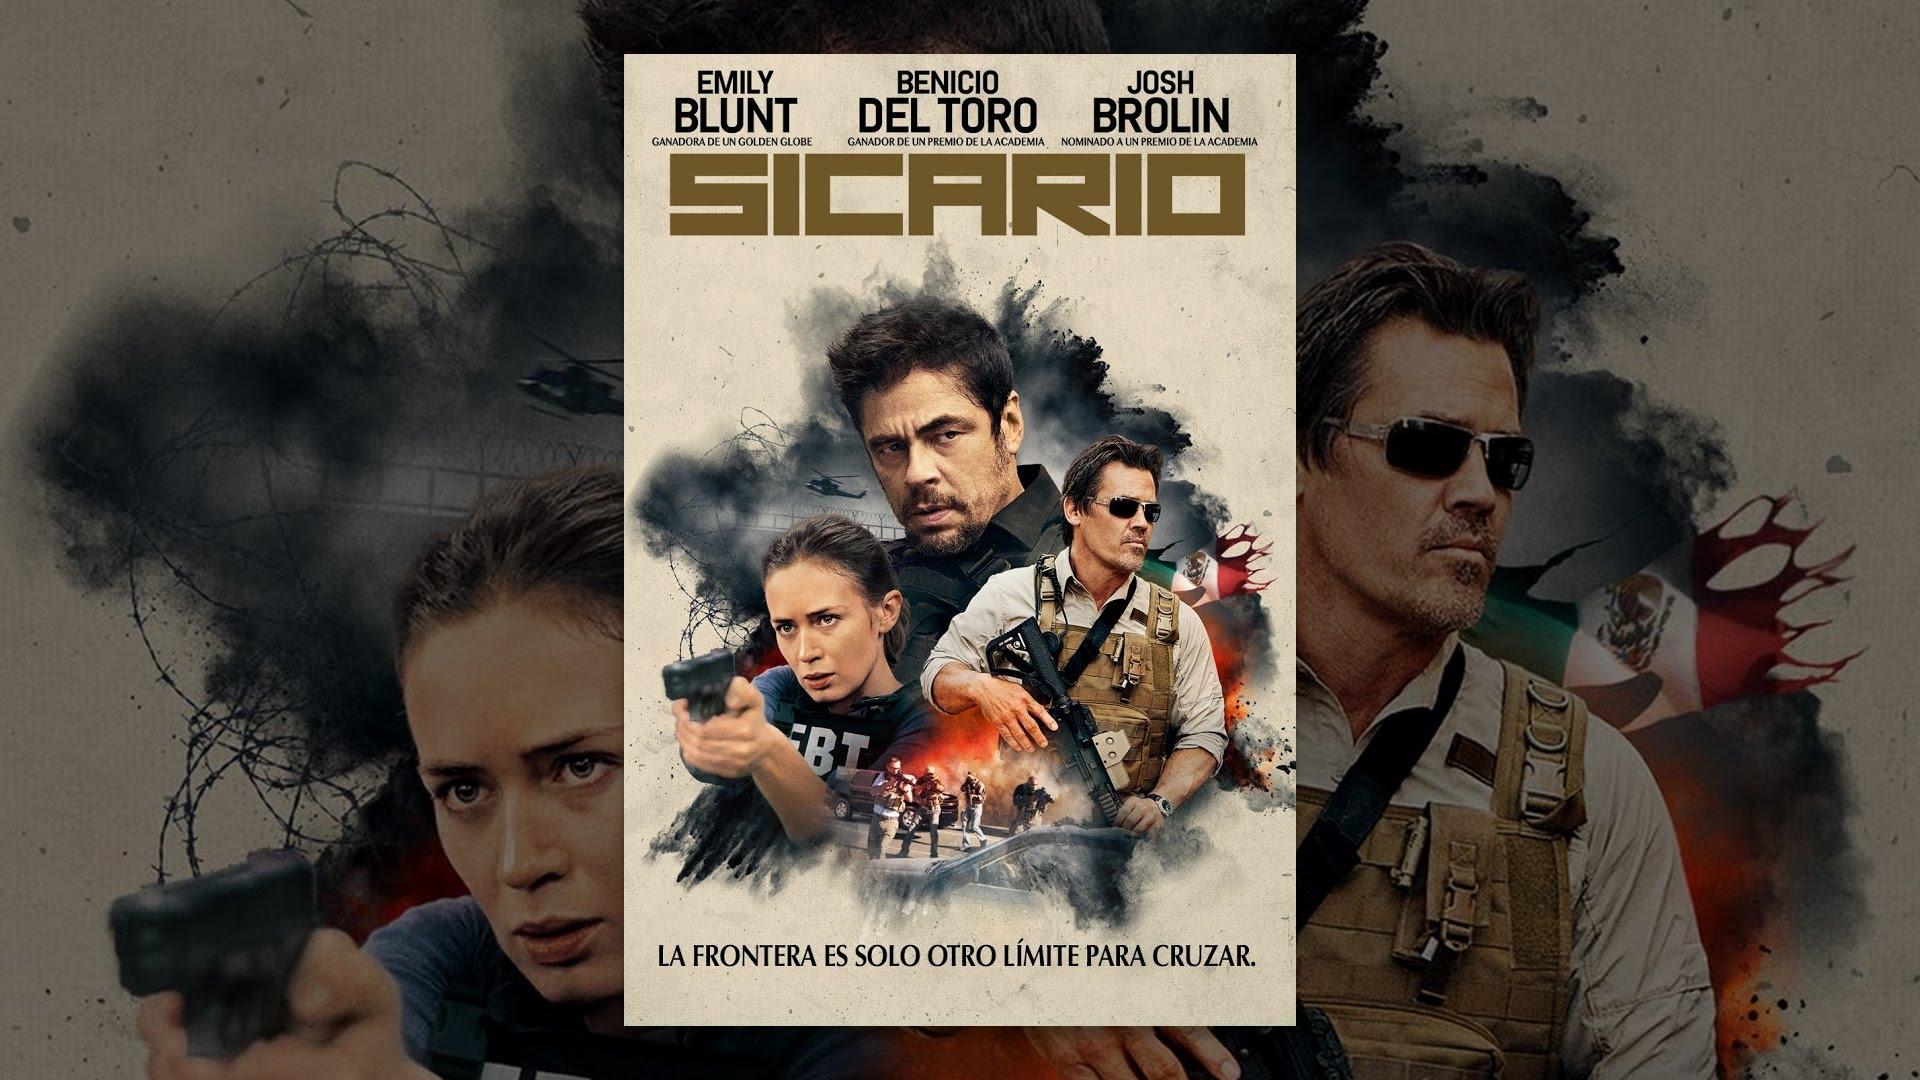 Tierra de nadie: Sicario – Soundtrack, Tráiler